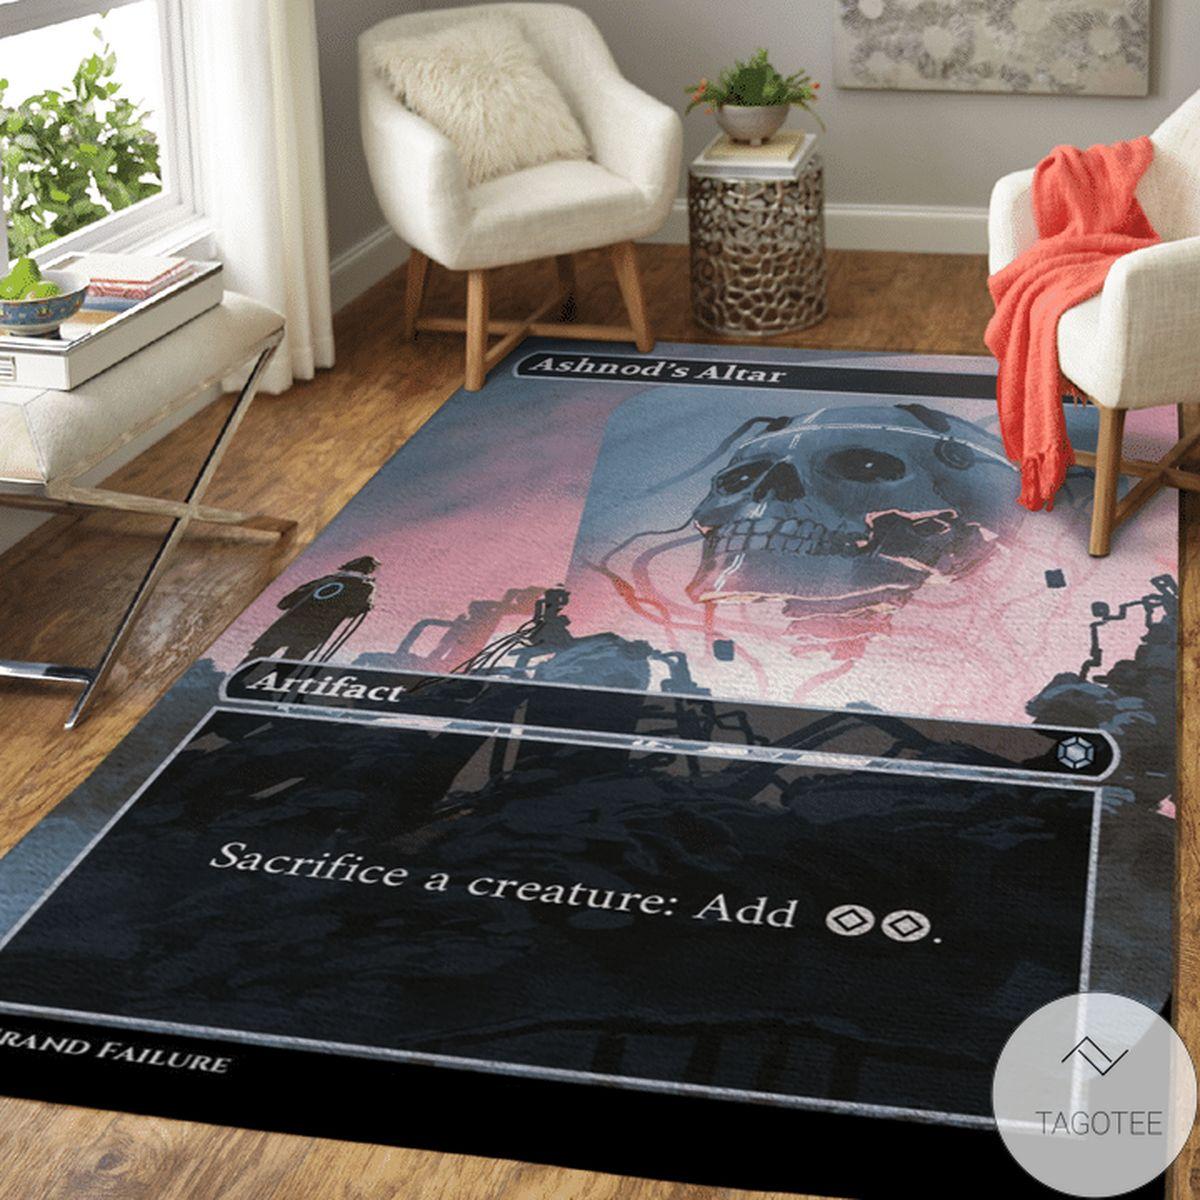 Ashnod's Altar Sacrifice A Creature Add Area Rug